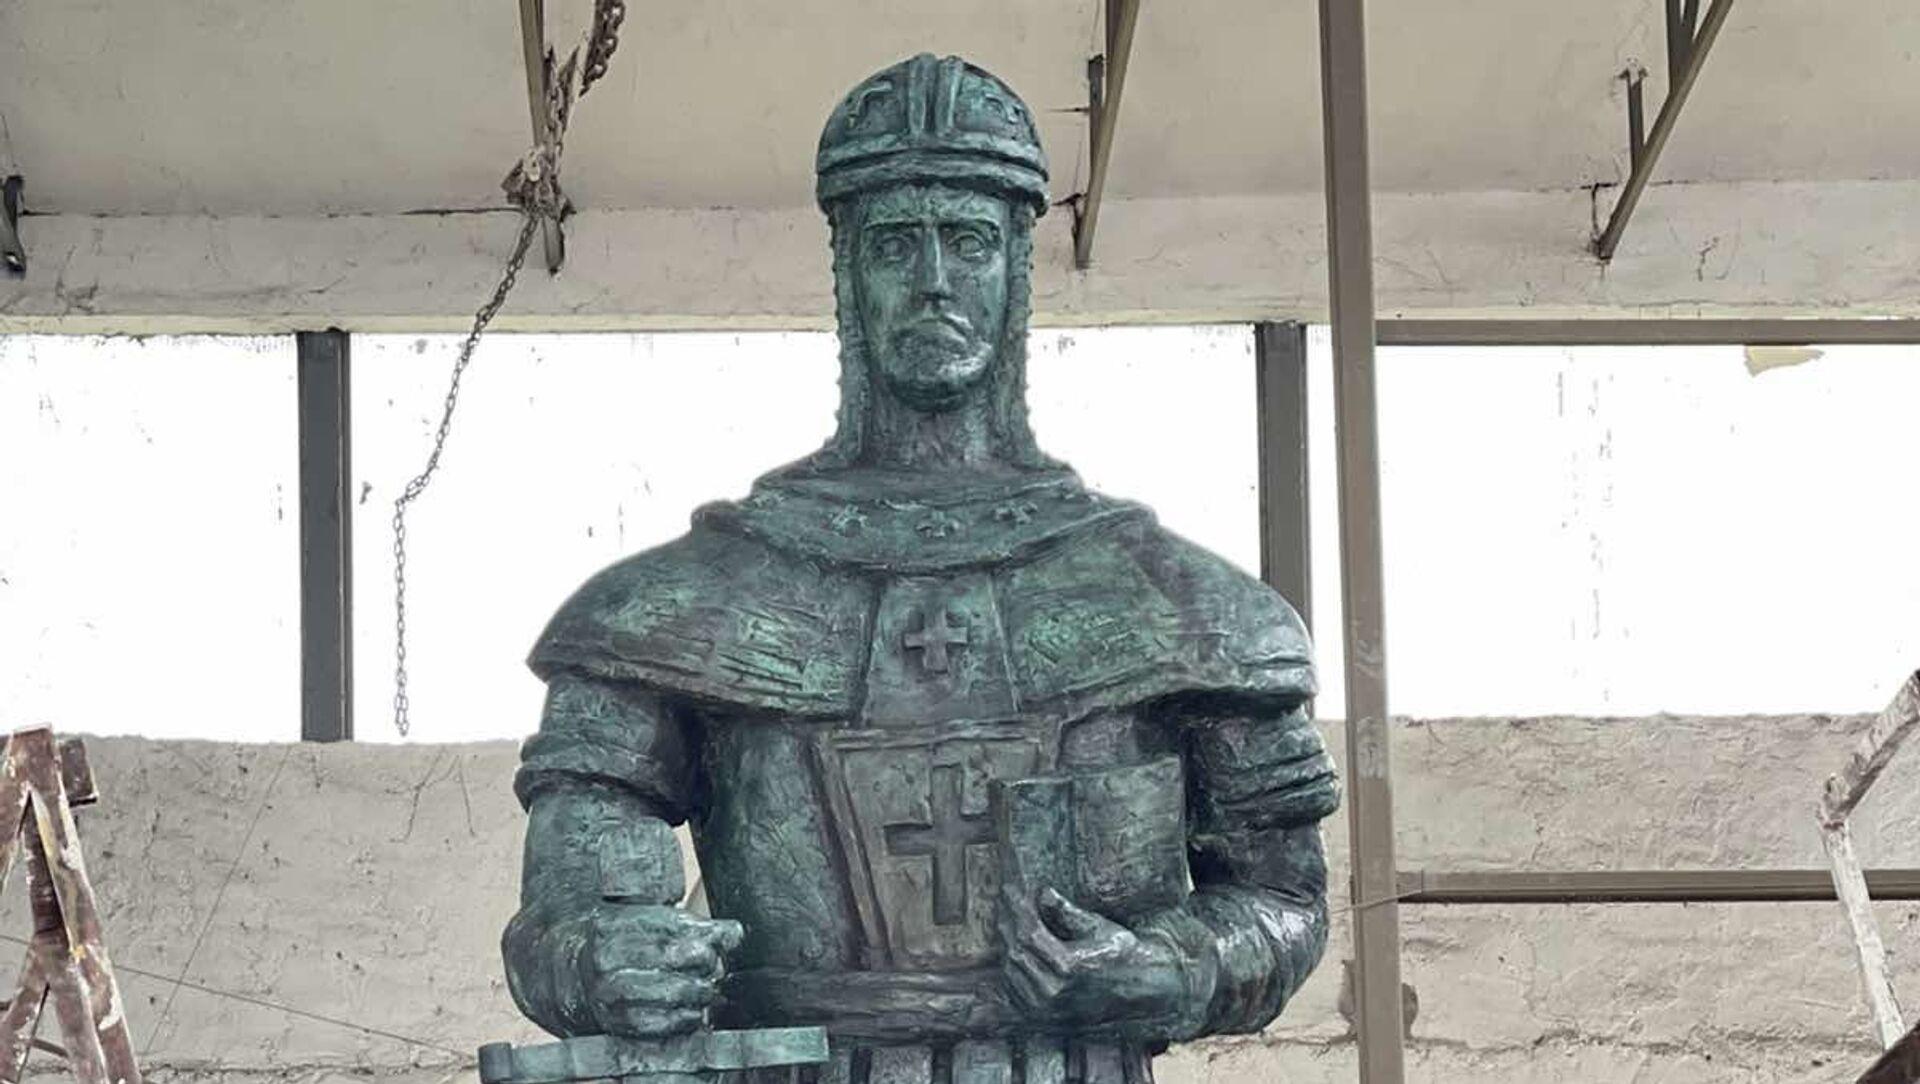 Споменик деспоту Стефану Лазаревићу који ће бити постављен у Београду - Sputnik Србија, 1920, 16.04.2021